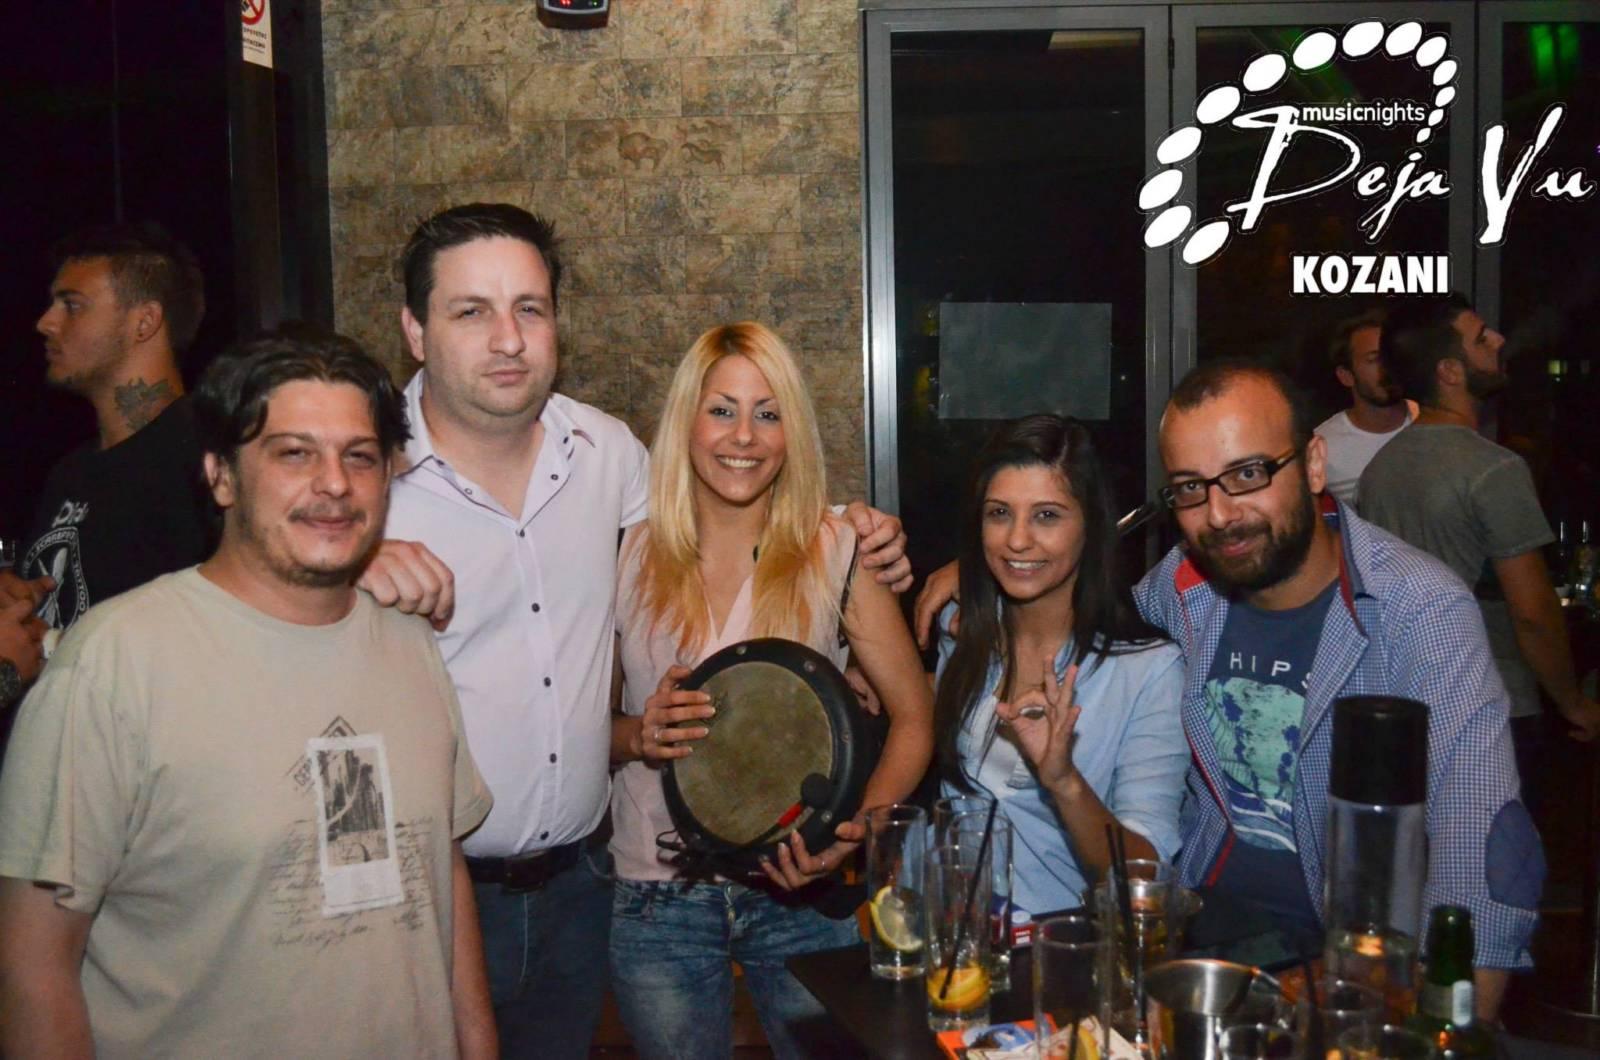 Με τον Κώστα  Μικέλη διασκέδασαν  στο Deja vu στην Κοζάνη, την Πέμπτη 27 Αυγούστου